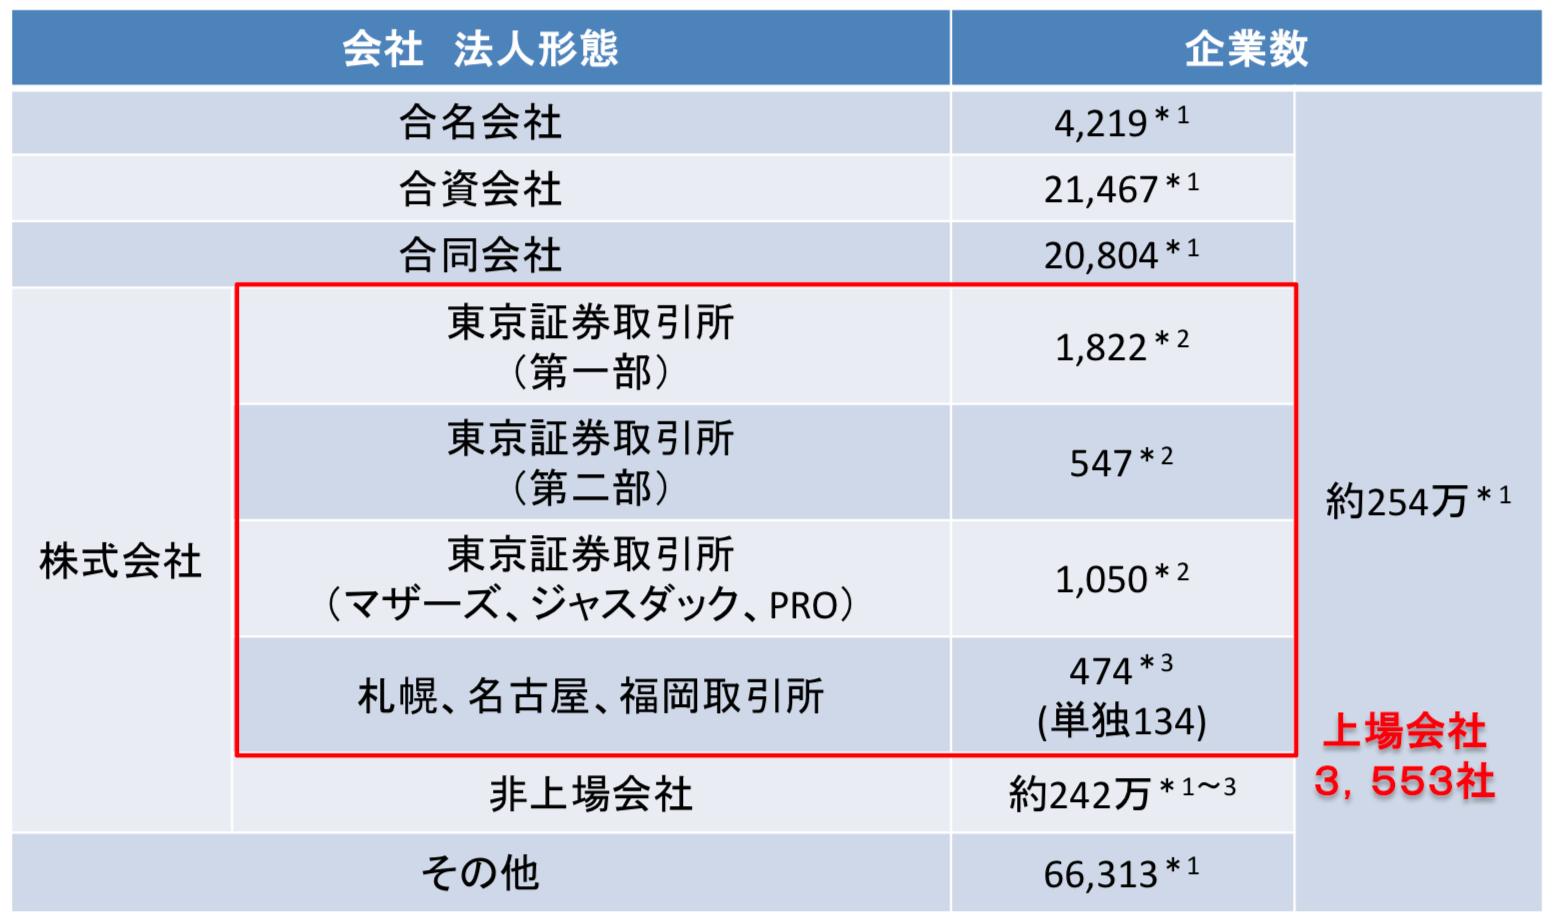 日本の非常に多い上場企業数